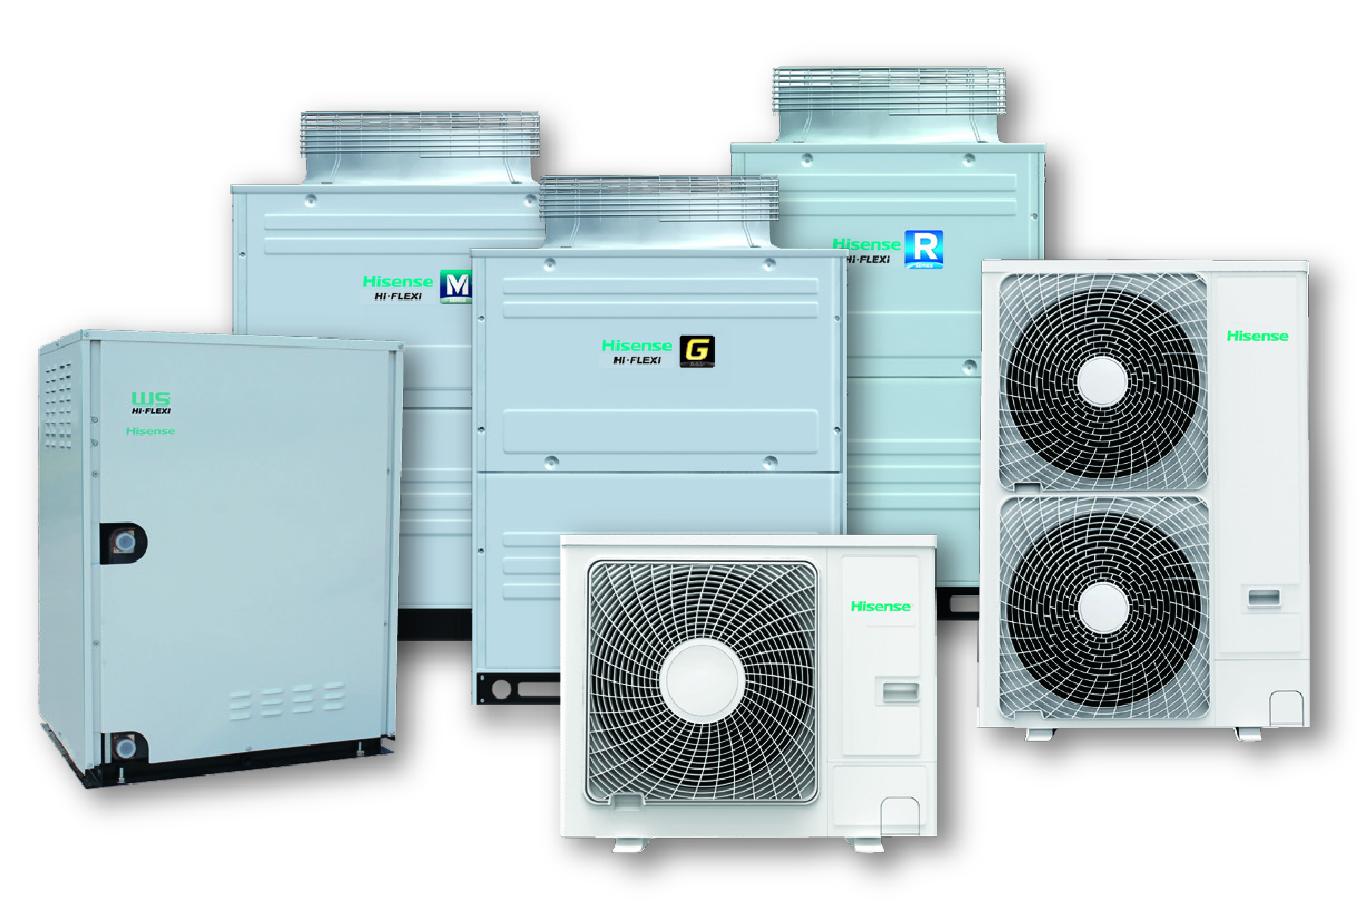 Fenie Brossette lance sur le marché de nouveaux climatiseurs